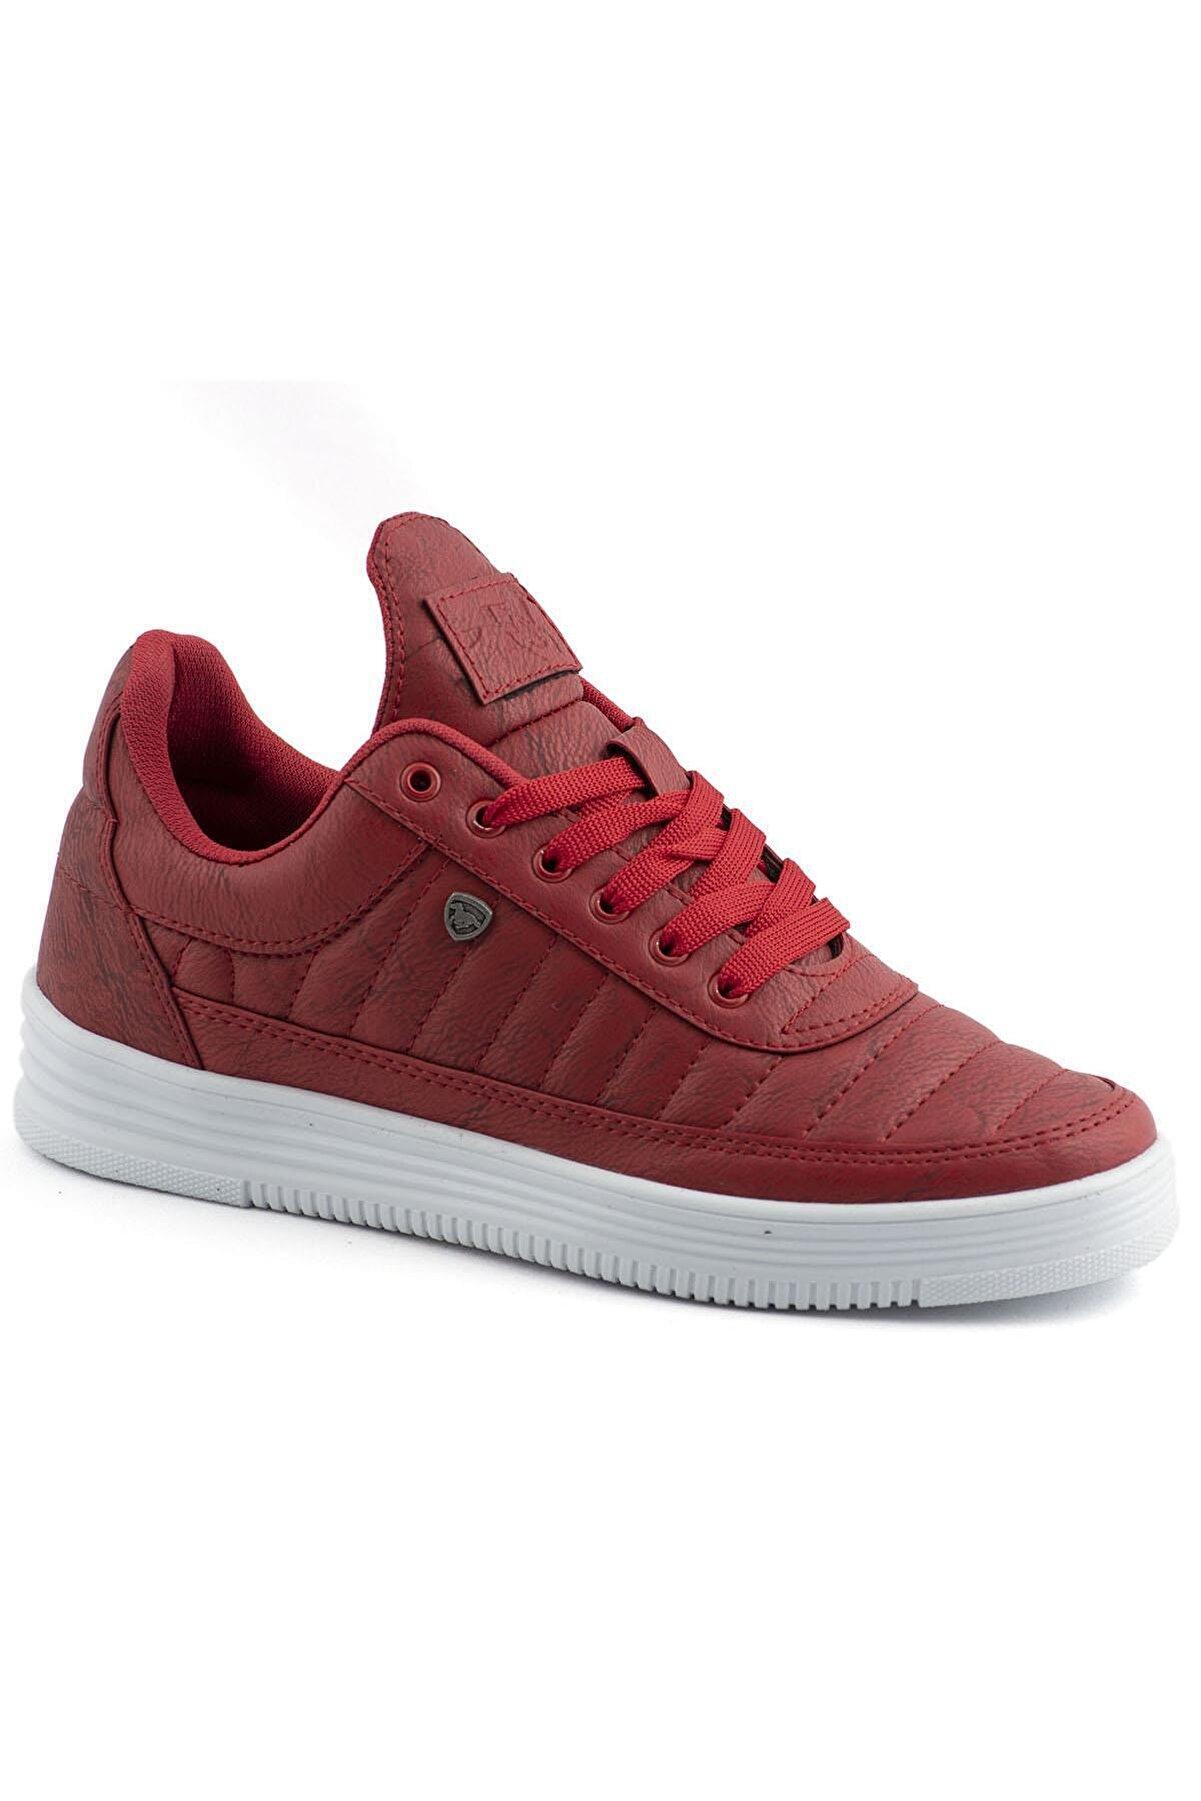 L.A Polo 07 Kırmızı Beyaz Dikişli Unisex Spor Ayakkabı